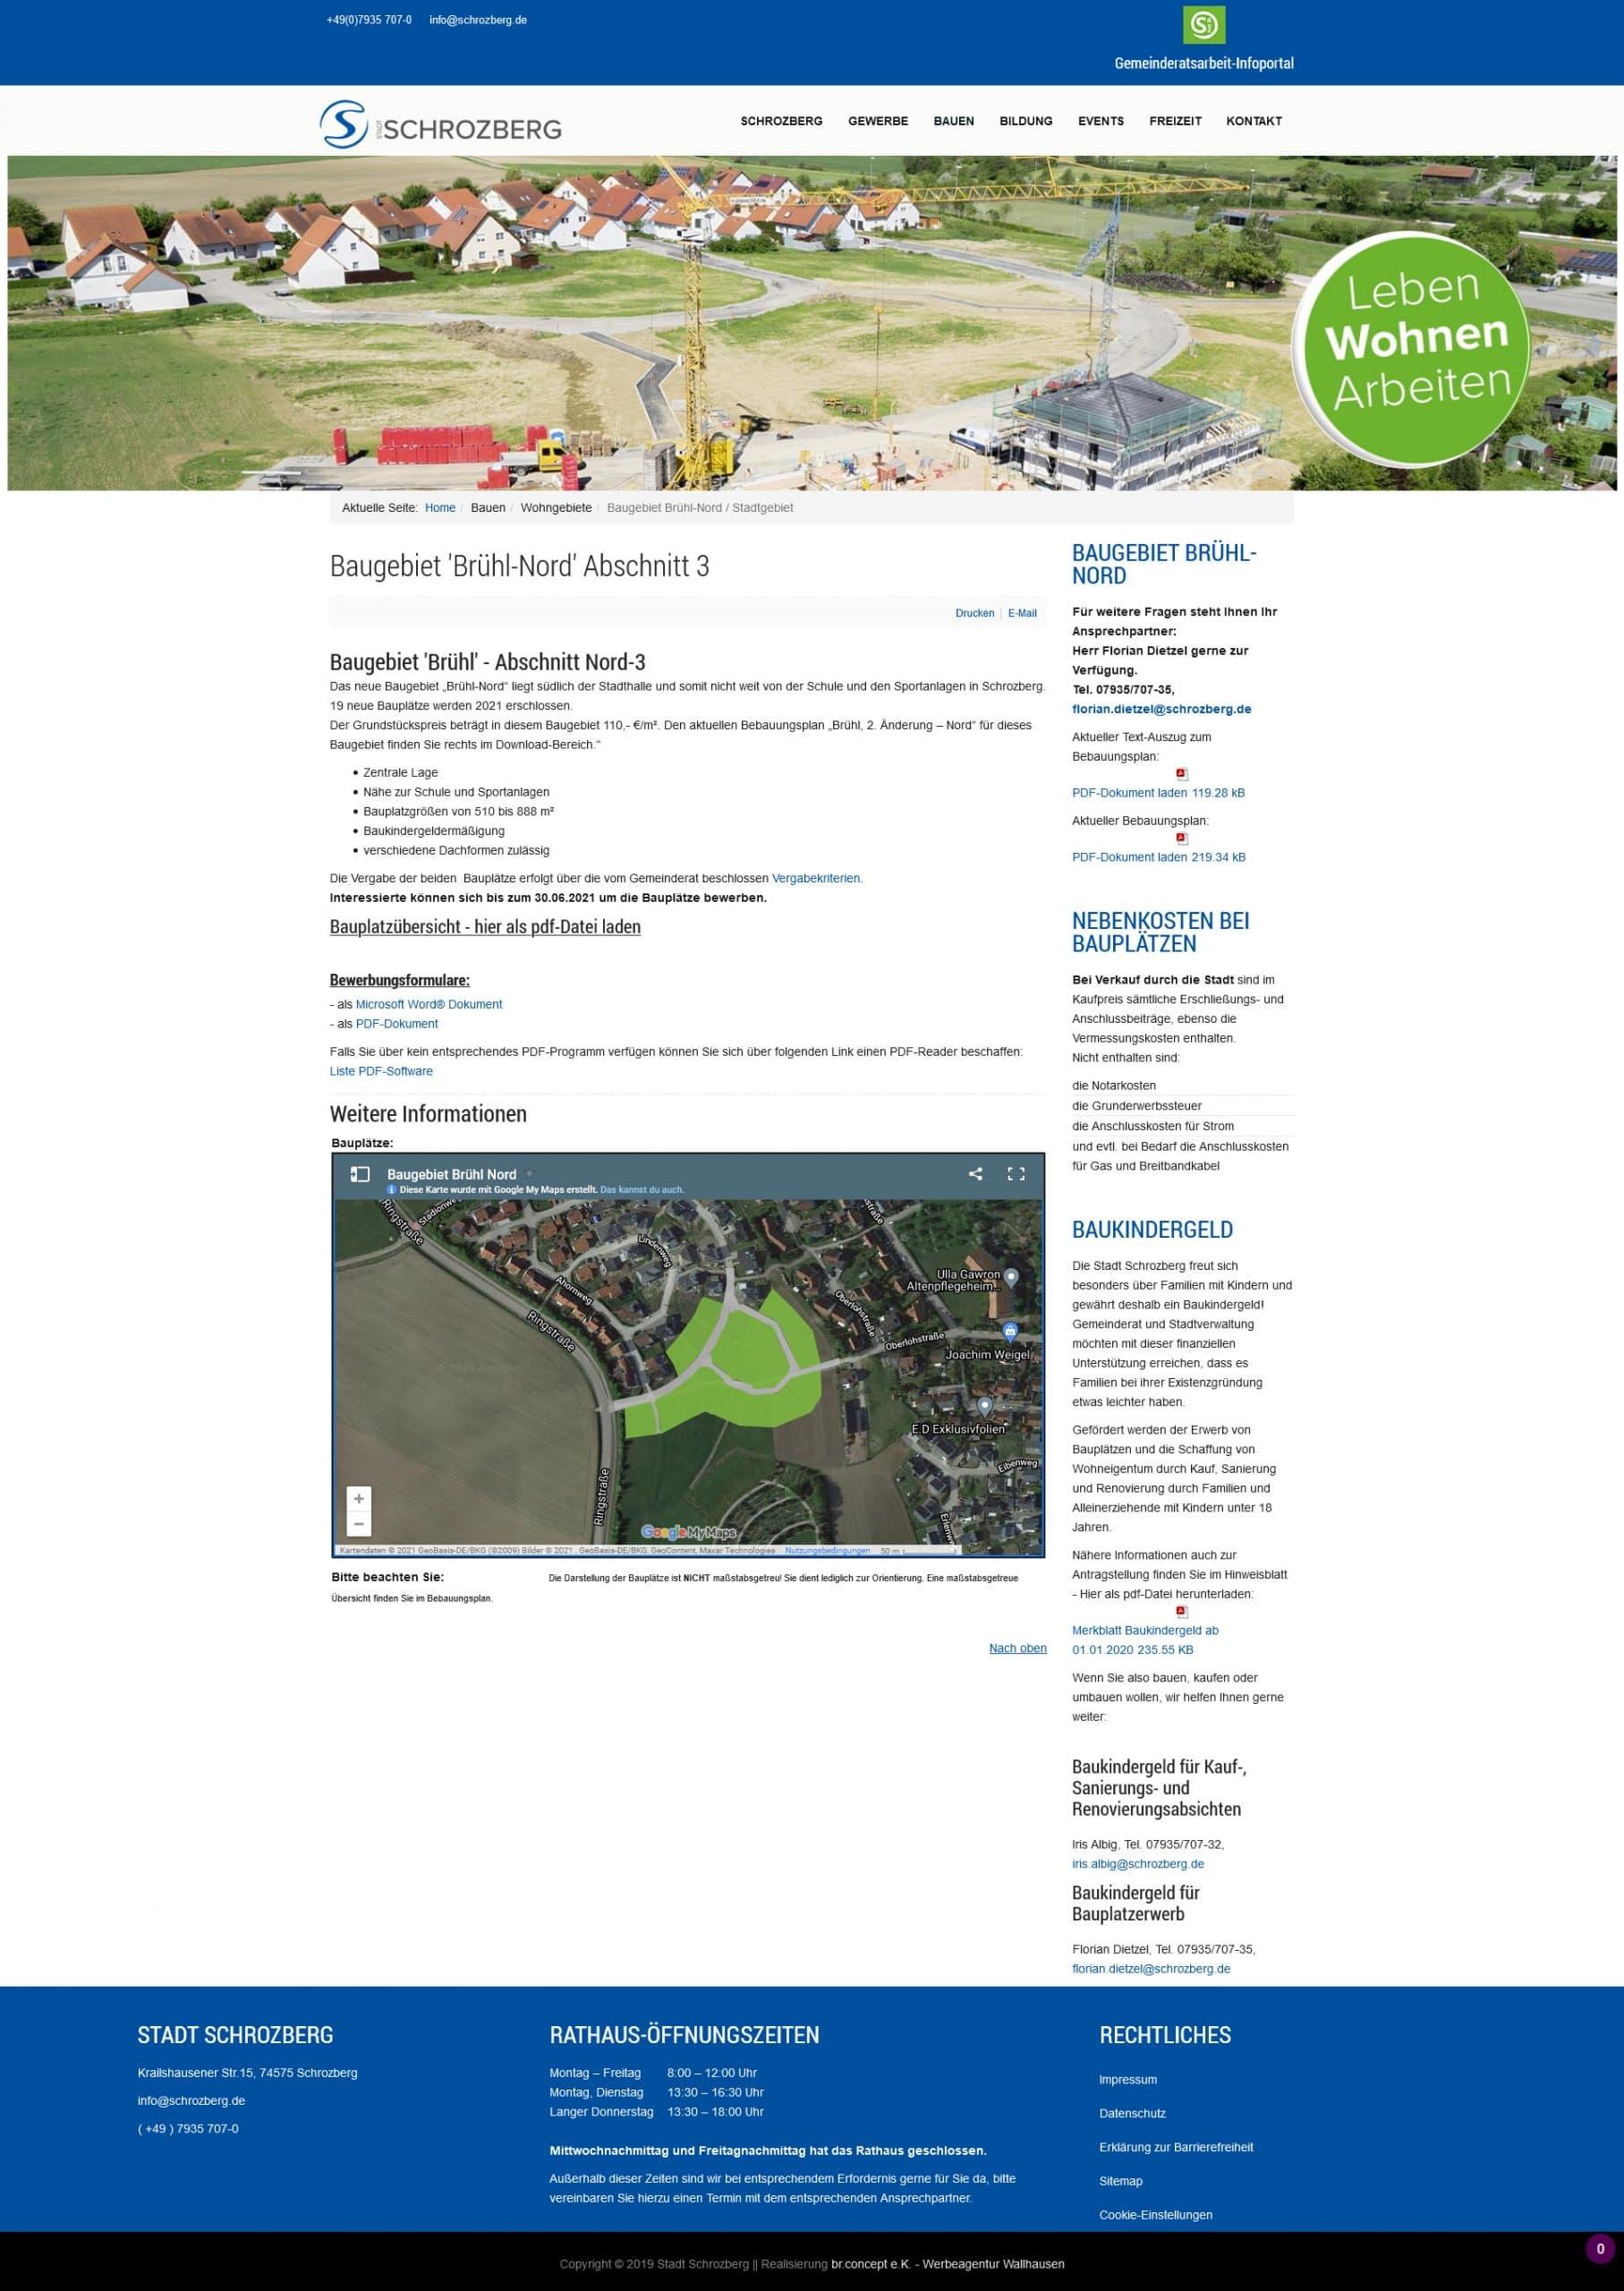 Startseite der Website der Stadt Schrozberg